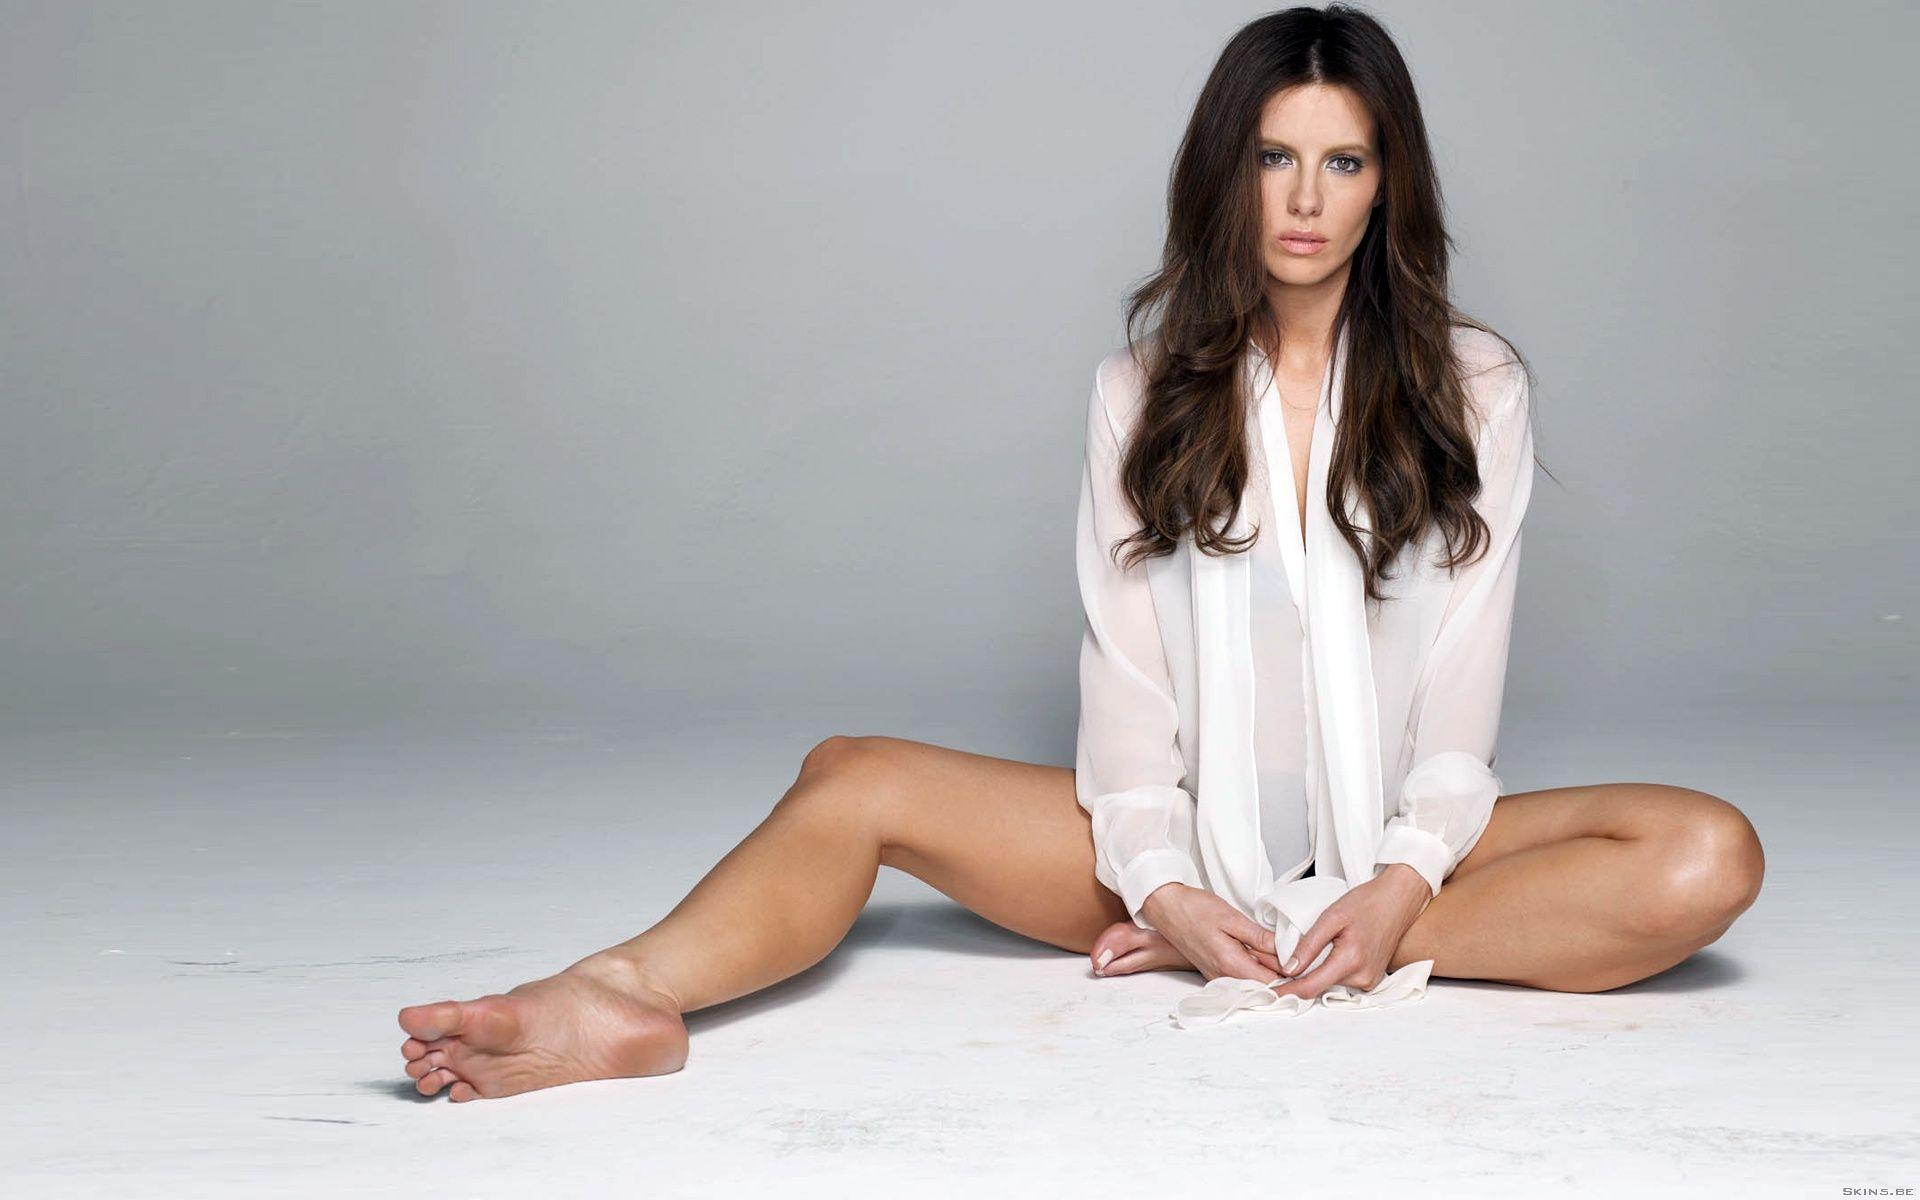 Feet Olivia Frischer nude (96 foto and video), Ass, Hot, Selfie, legs 2015